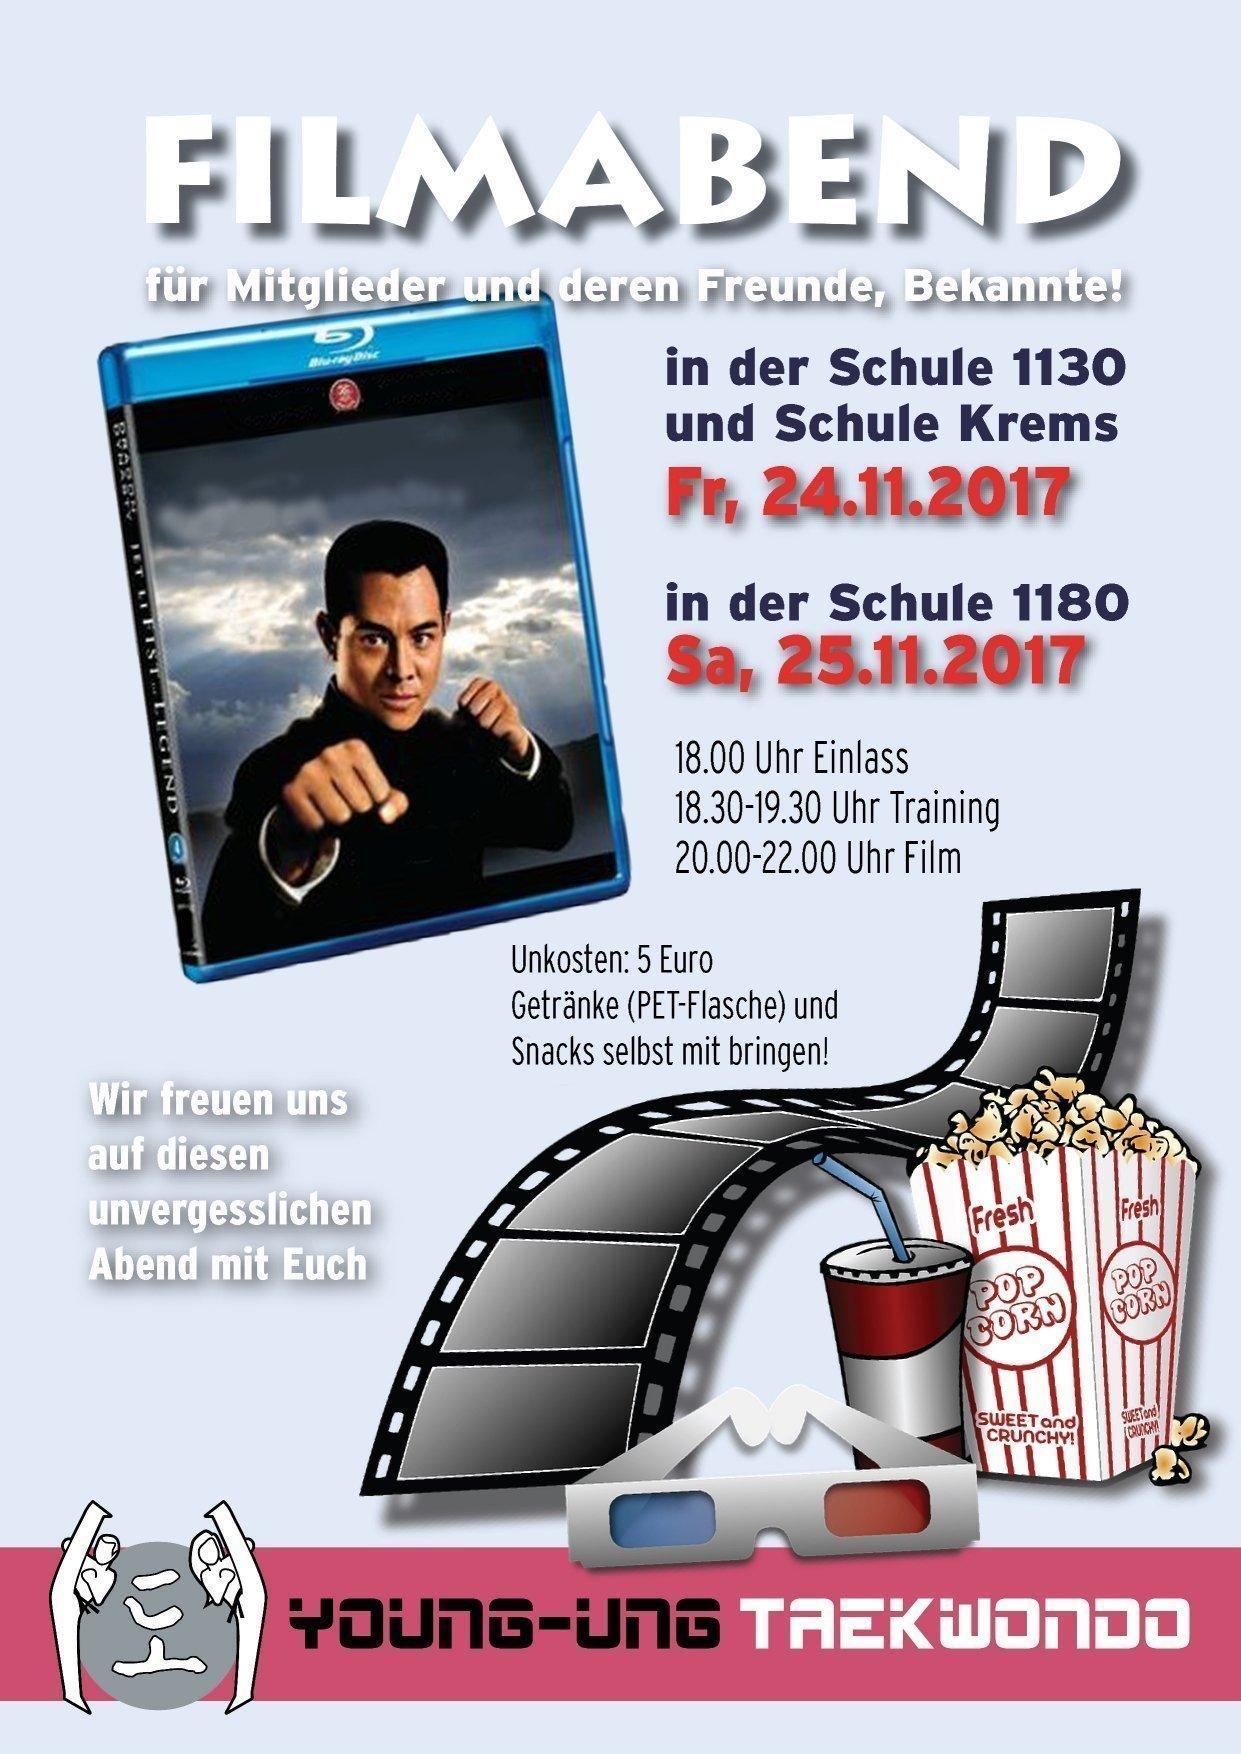 Training, Film & Popcorn!